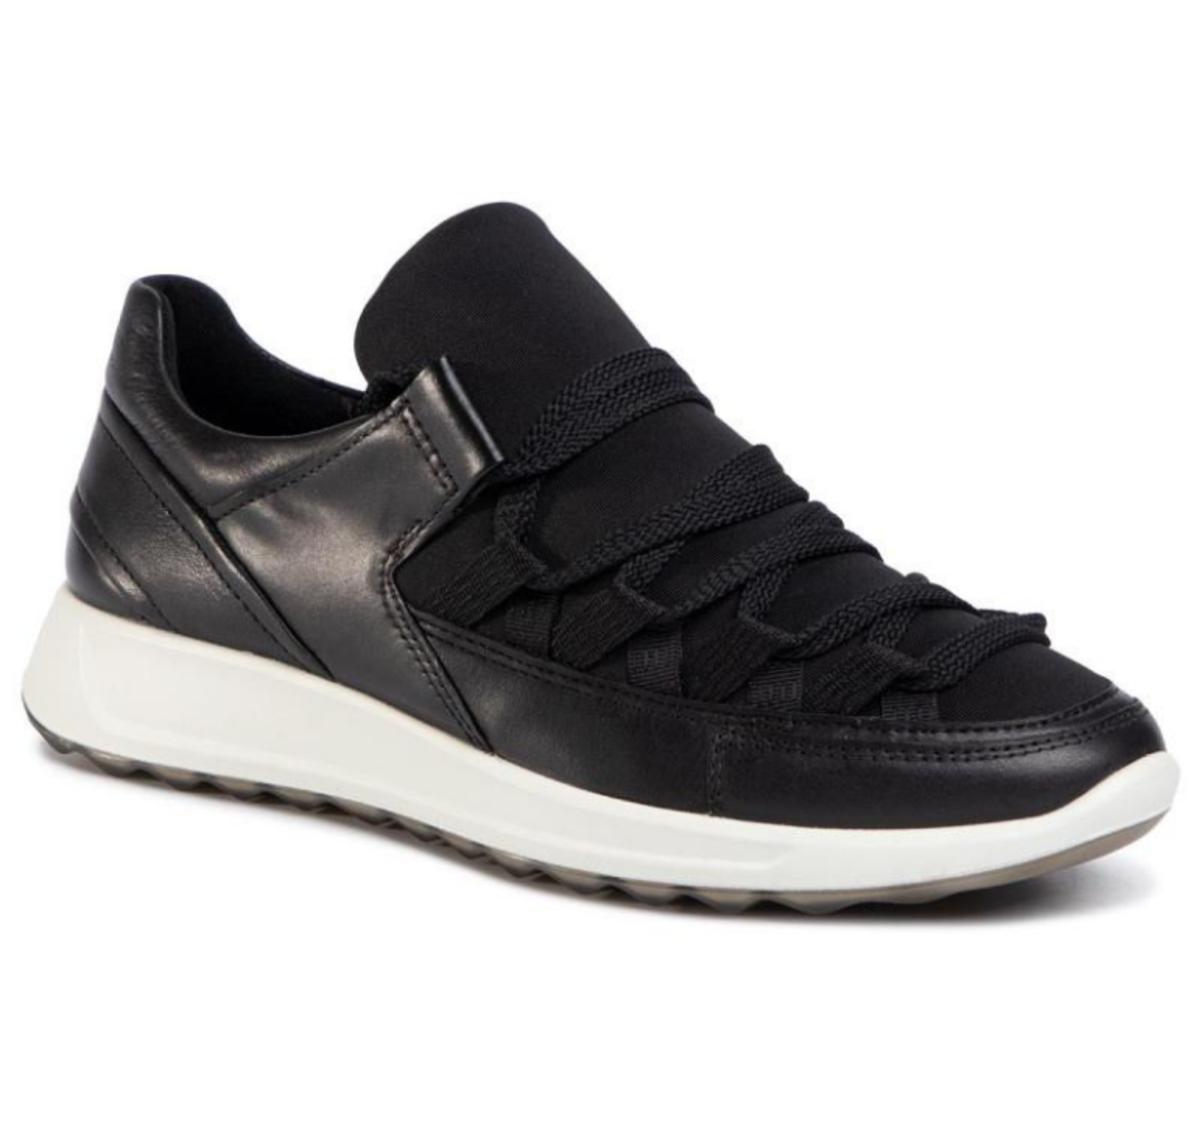 Trendy jesień 2020 sneakersy Ecco cena 509 zł